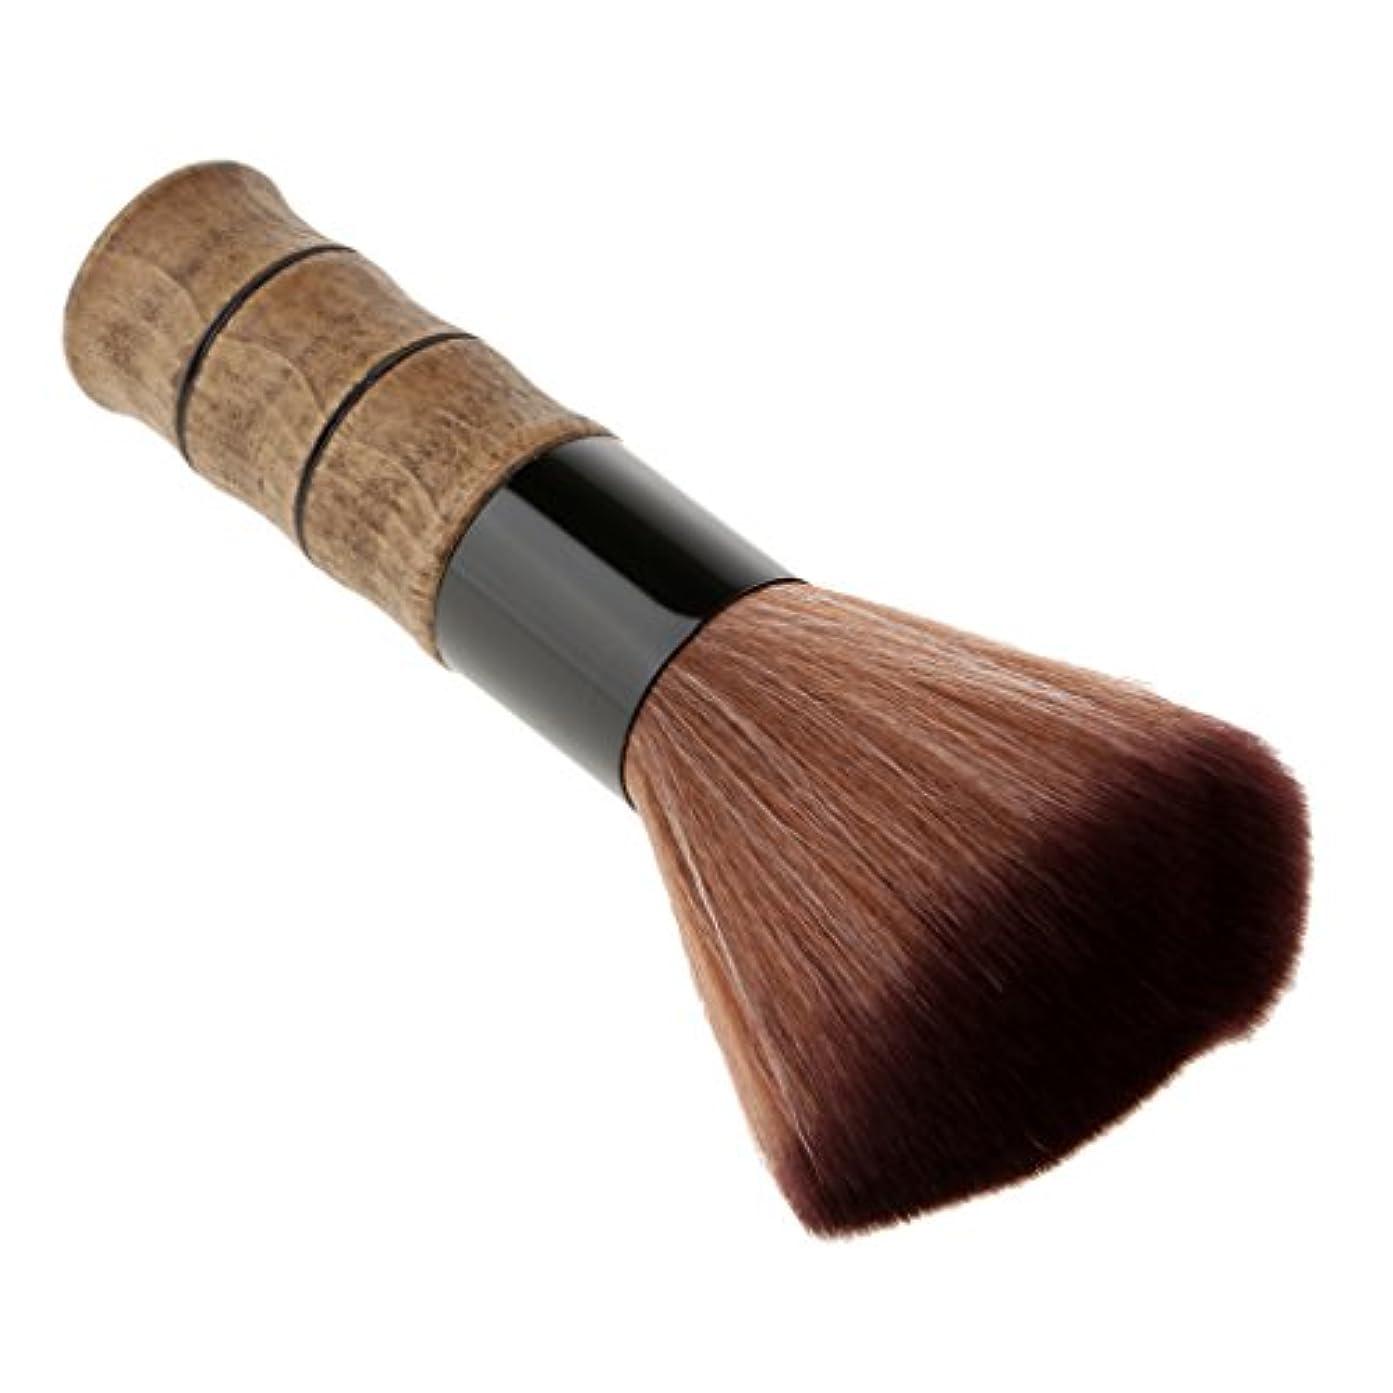 疲労統合するハードシェービングブラシ 洗顔 化粧ブラシ メイクブラシ ソフトファイバー ブラシ スキンケア メイクアップ 高品質 2色選べる - 褐色